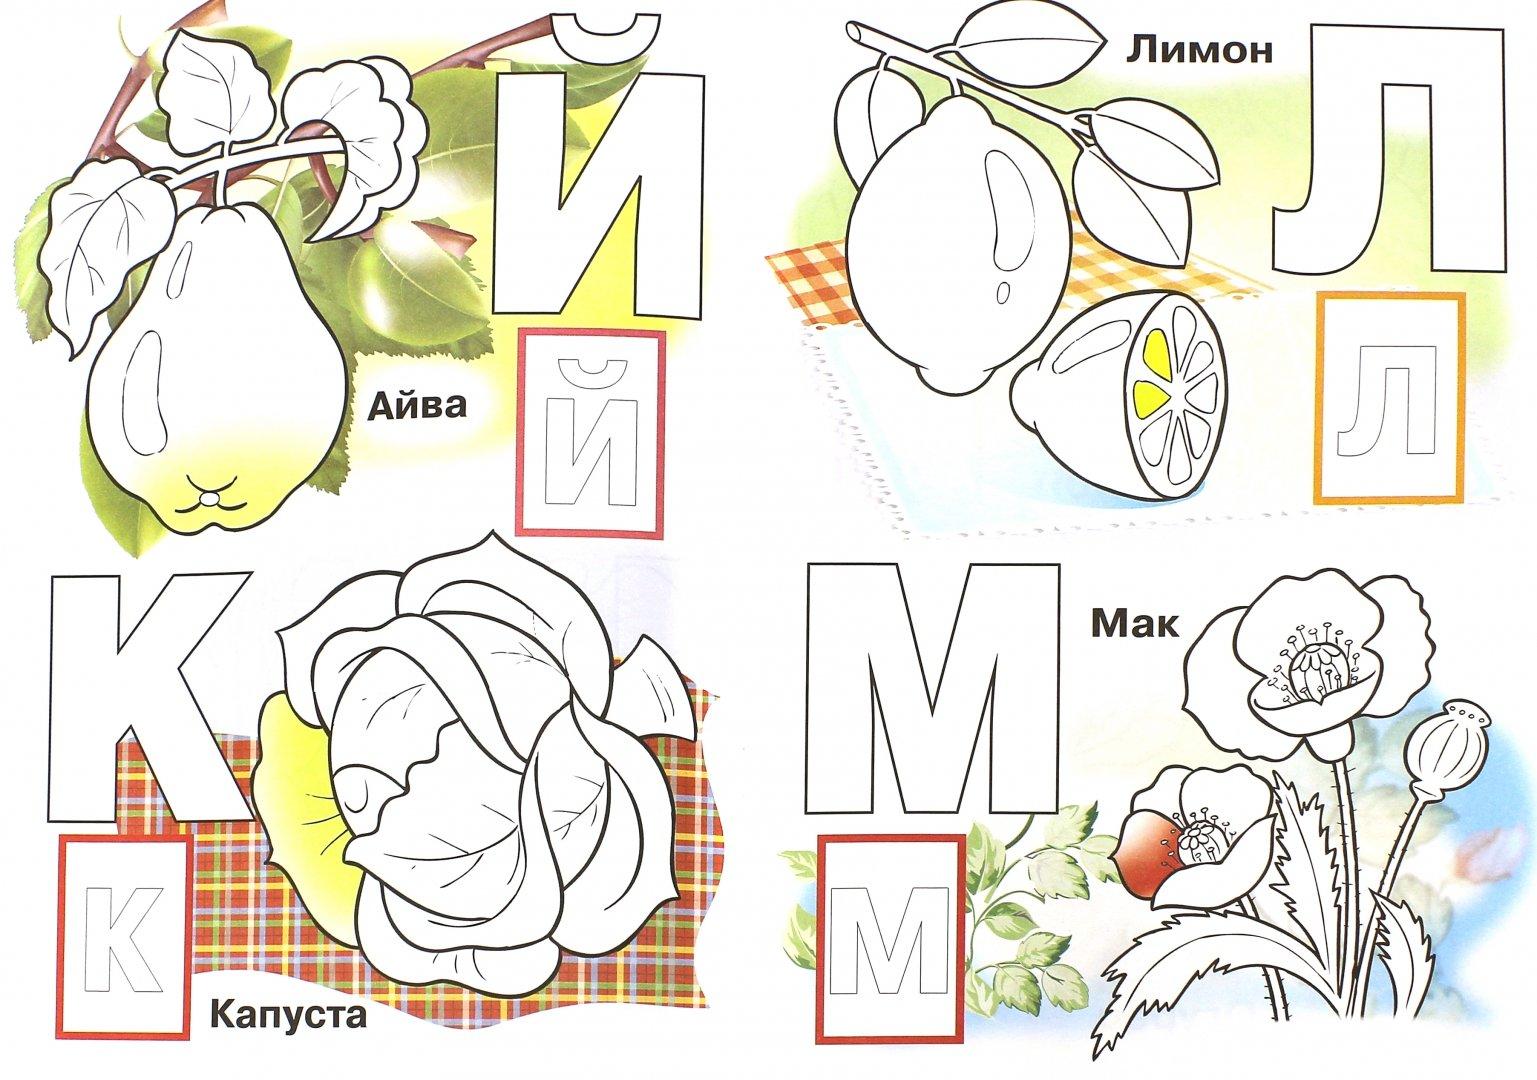 запчасти алфавит в картинках фрукты и овощи еще три